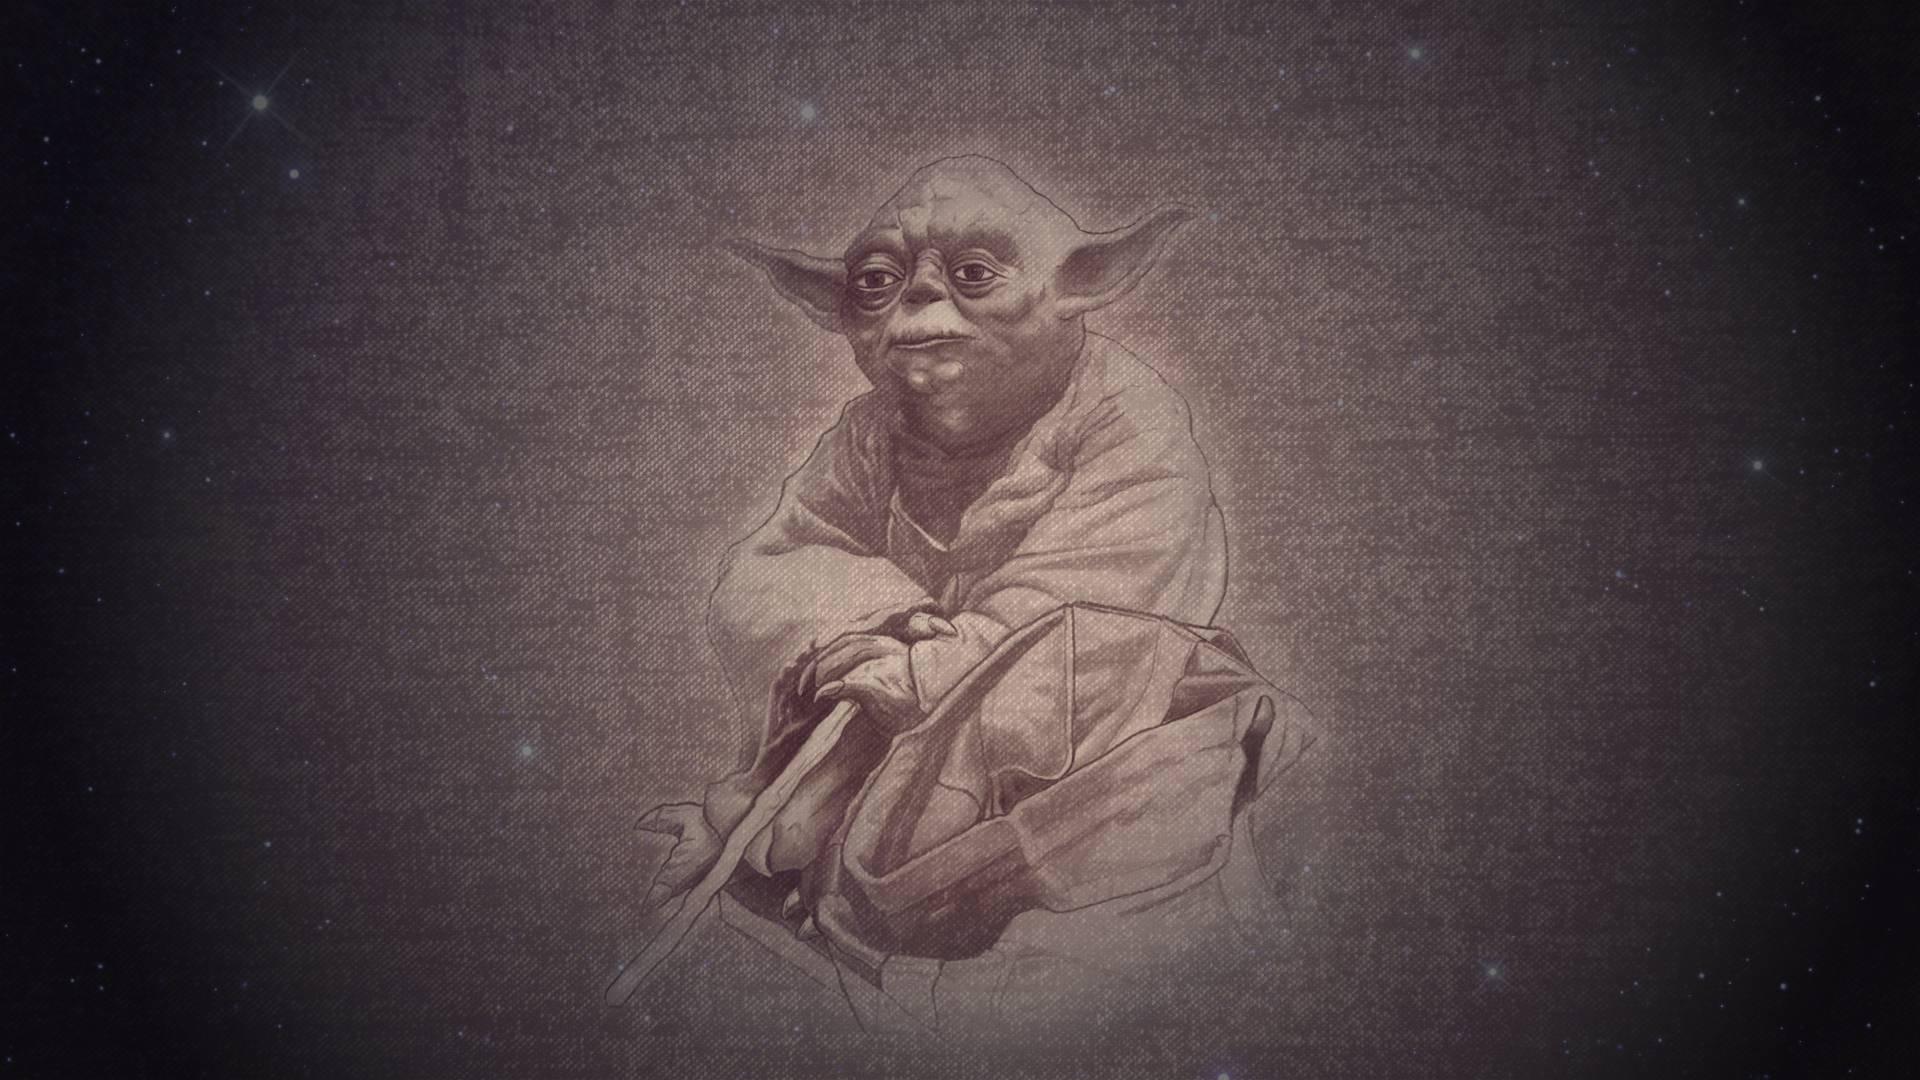 Yoda 1920x1080 Wallpaper Teahub Io